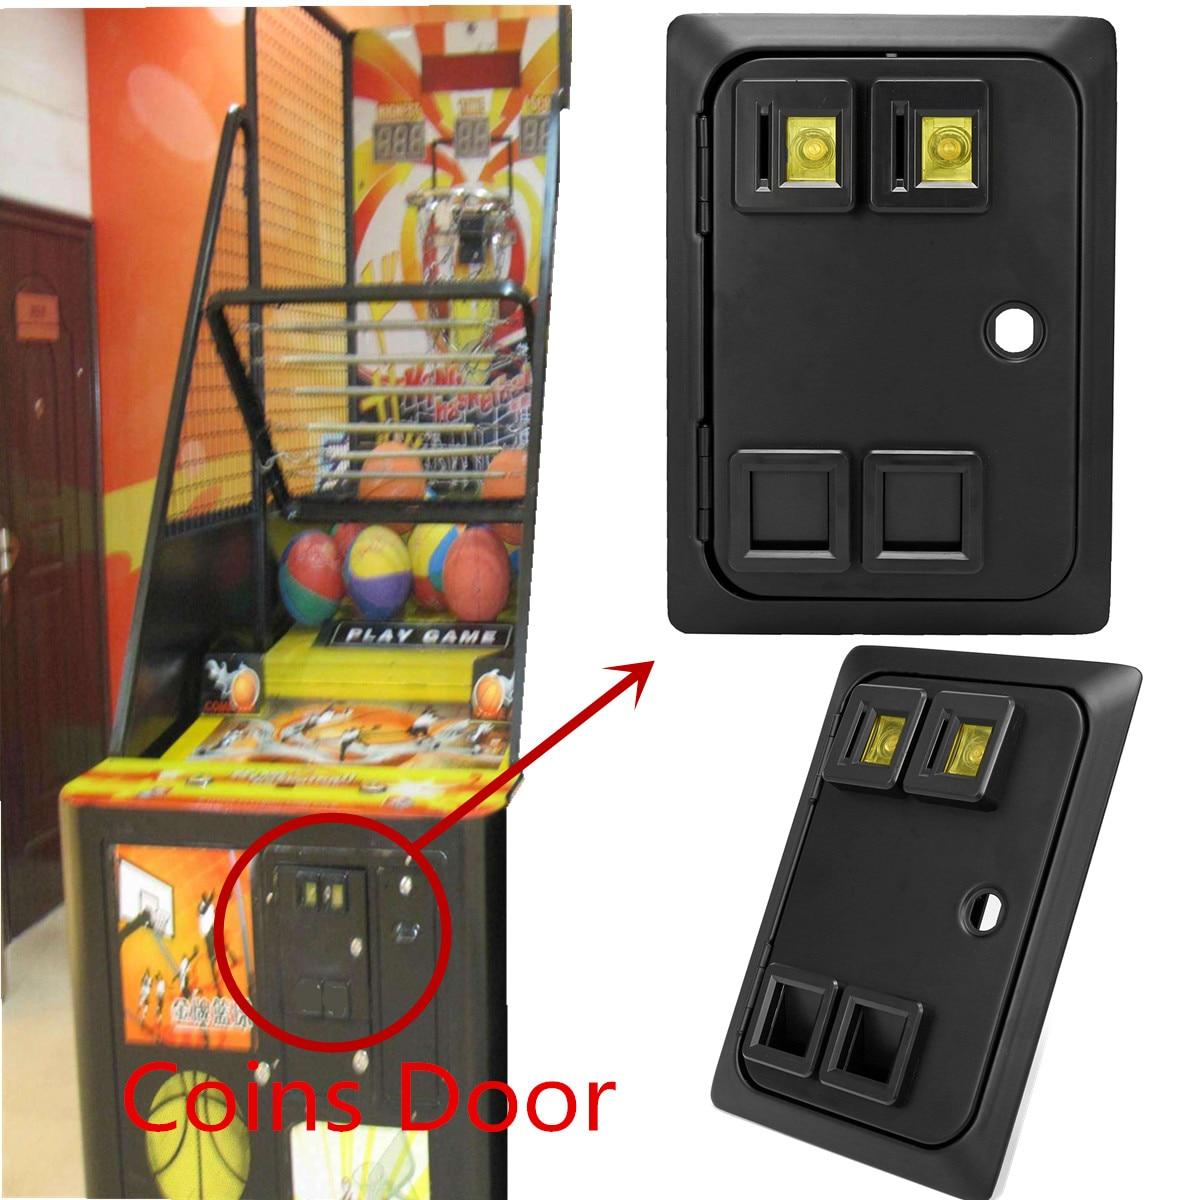 Wells Gardner Style Coin Door w// Pinball game two entry Coin Door Arcade